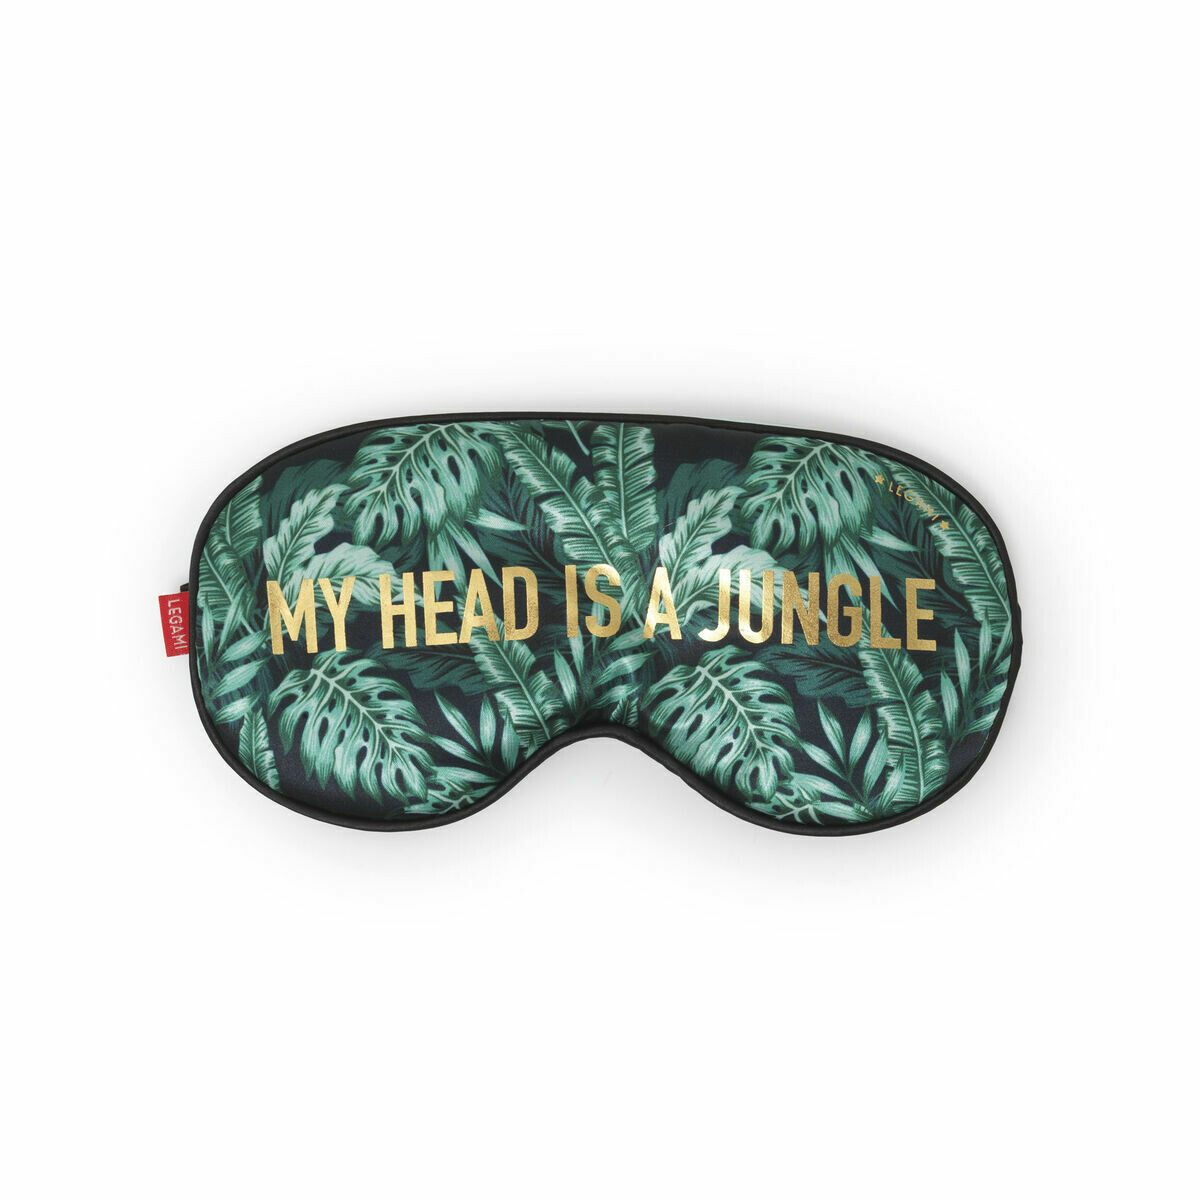 Le masque pour dormir en tissus - My head is a jungle ♥️